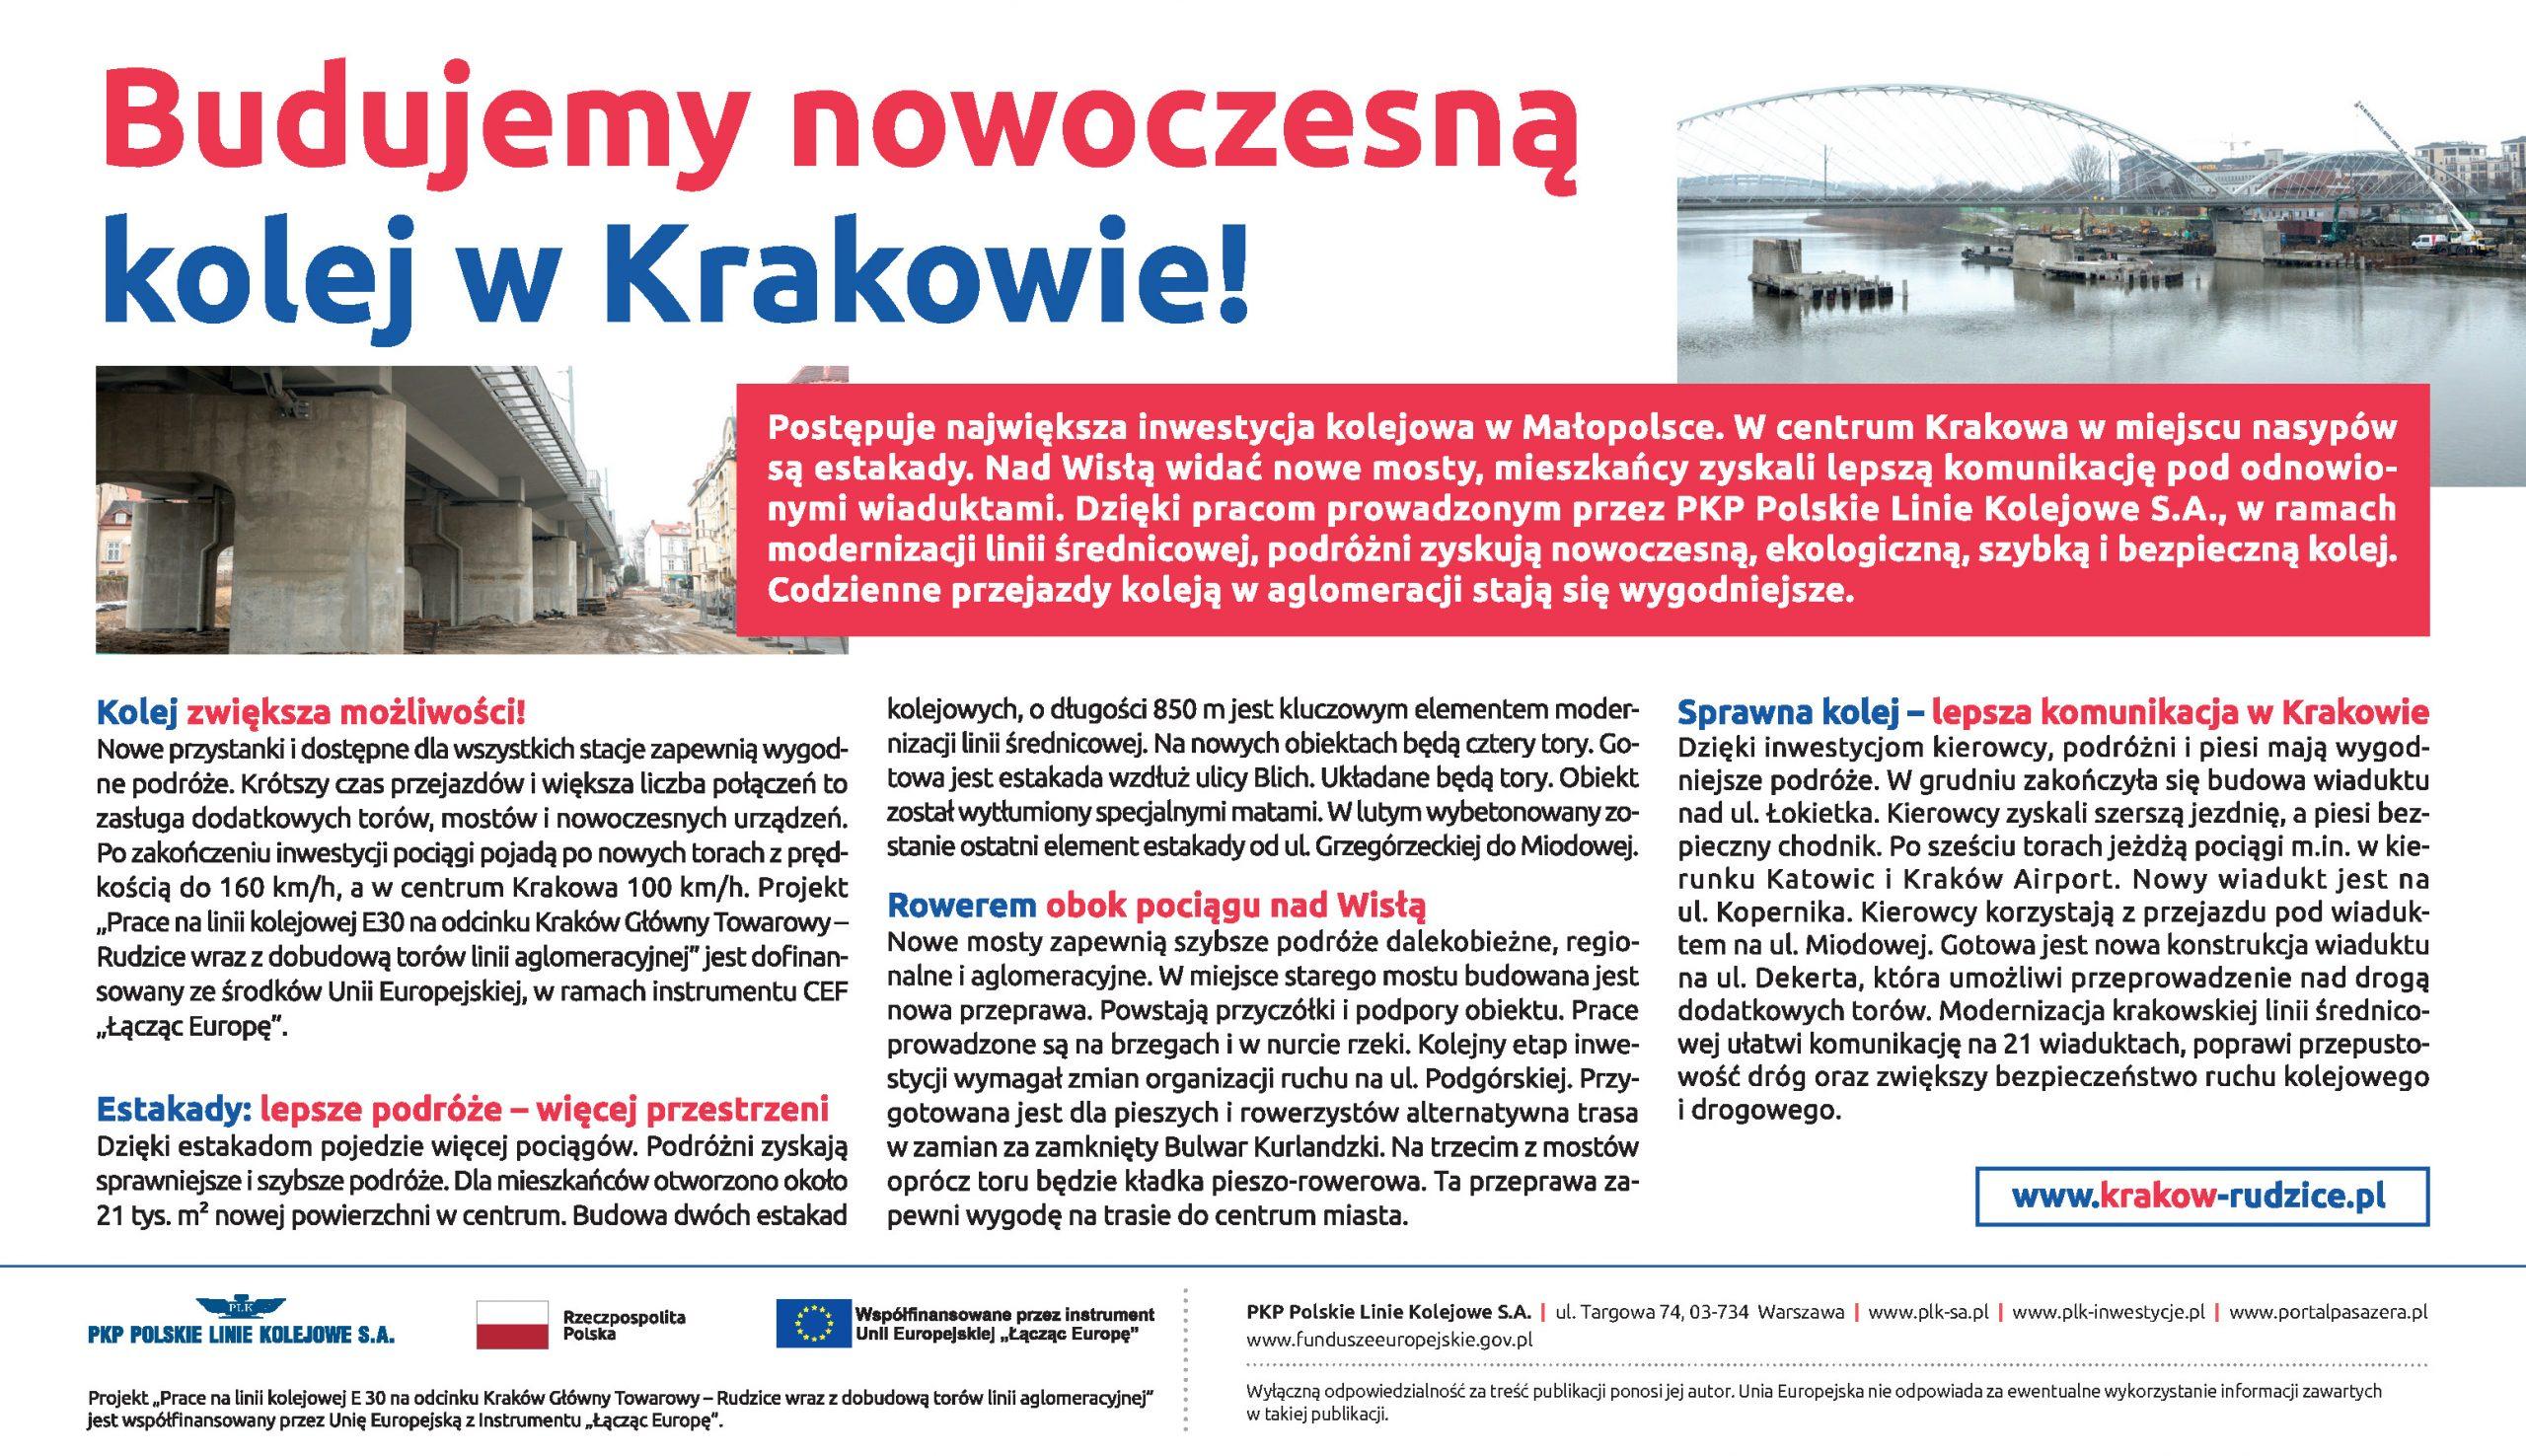 Budujemy nowoczesna kolej w Krakowie artykul prasowy